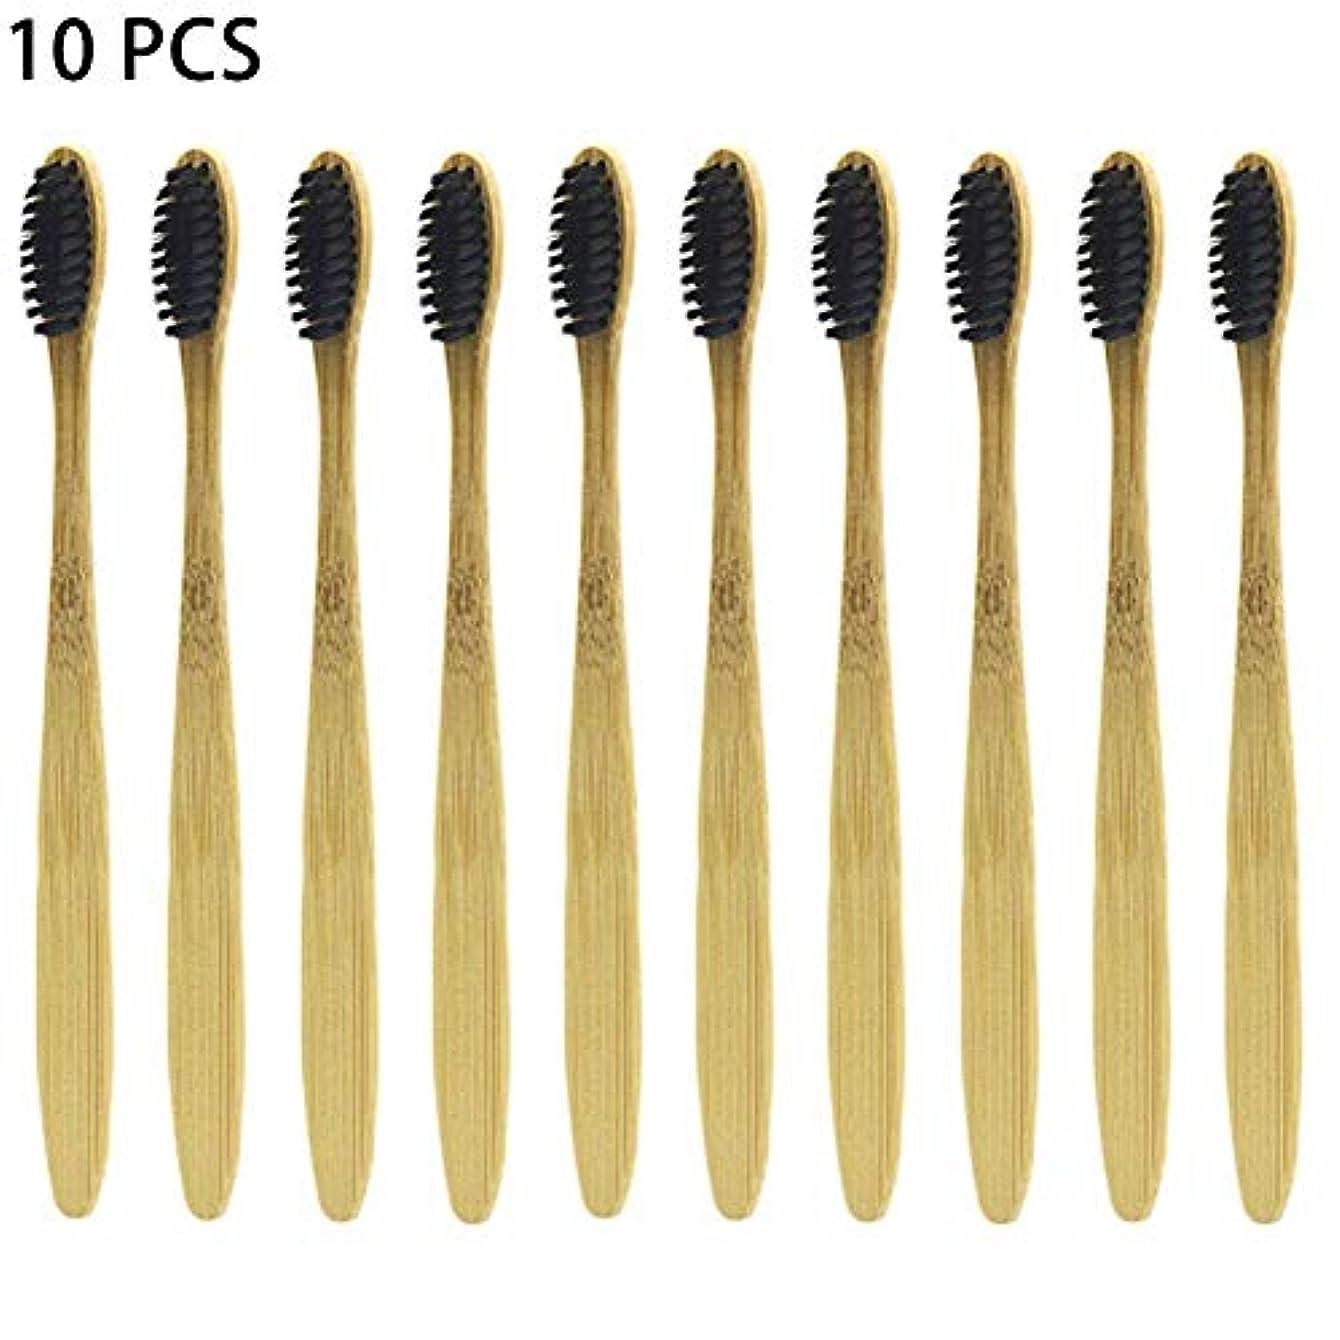 ヒットモンスター証言するsnowflake 歯ブラシ 10 PCS 竹歯ブラシ やわらかめ 超コンパクト 環境に優しい ソフトブレスト 清潔 軽量 携帯便利 旅行出張に最適 家族用 密度が多い 黒、カーキ 18 cm(ブラック) first-rate